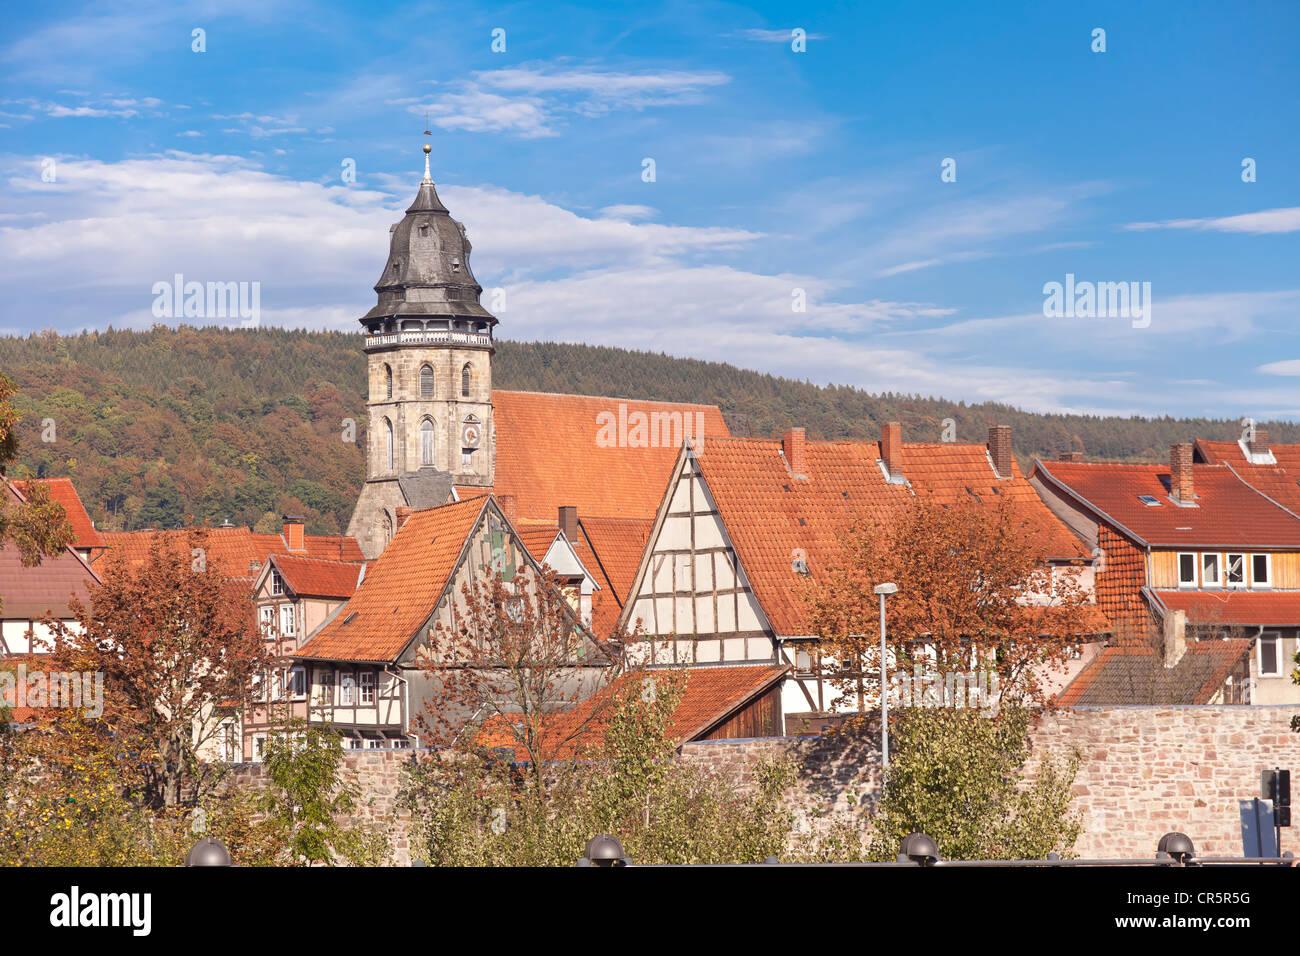 St. Blasius Kirche, historische Stadtzentrum, Hannoversch Muenden, Niedersachsen, Deutschland, Europa Stockbild